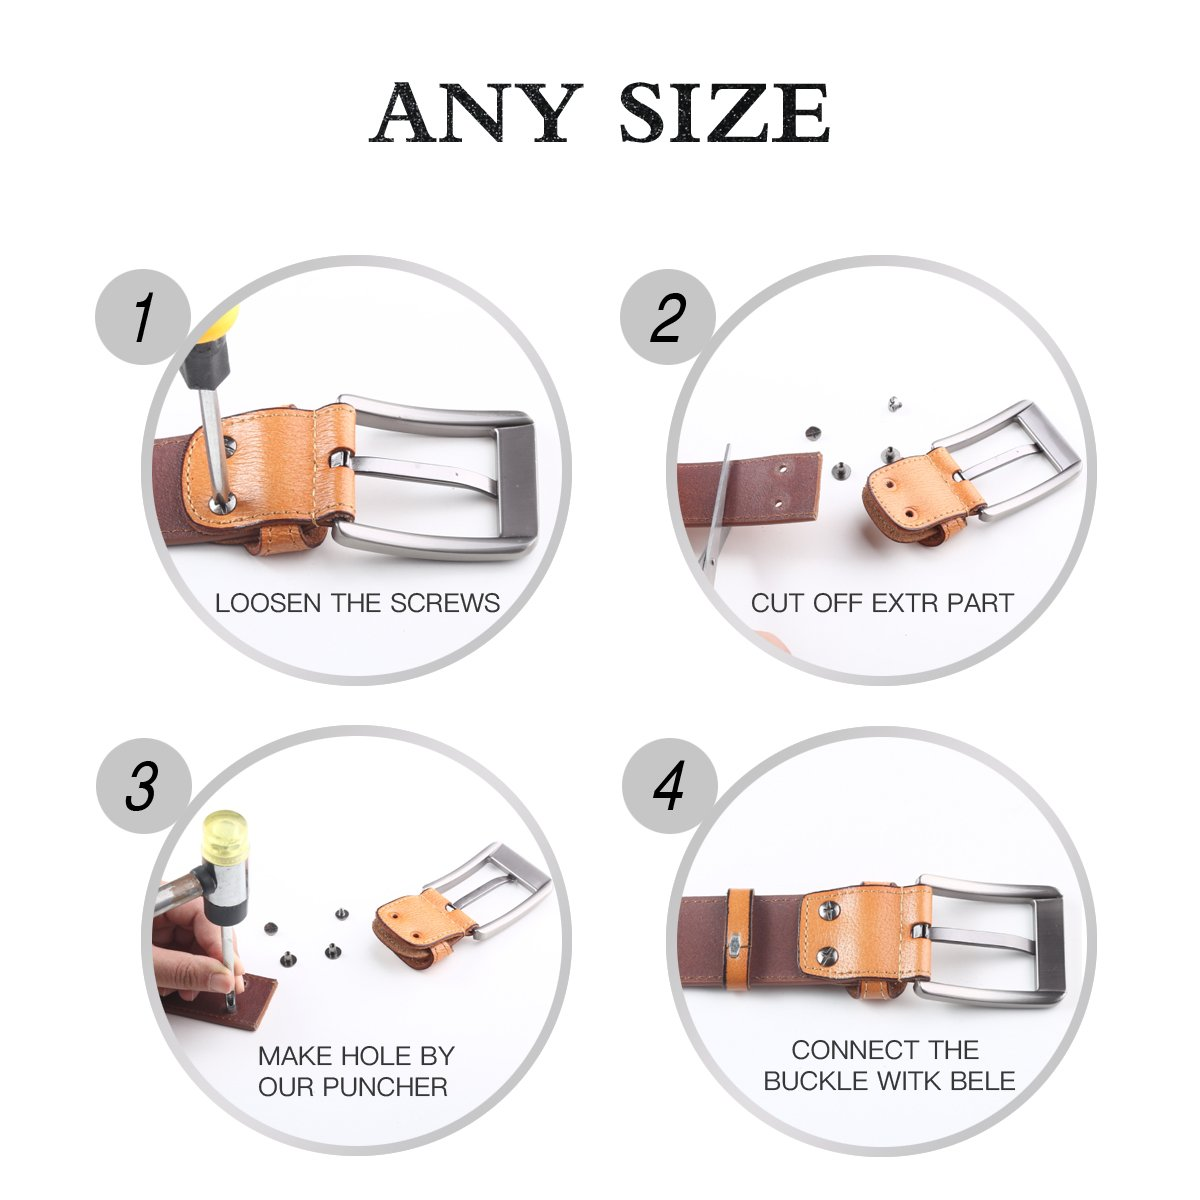 Leathario ceinture en cuir unisexe ceintures cuir veritale pour hommes  ceintures de boucles fixation de aiguille f38867f4839